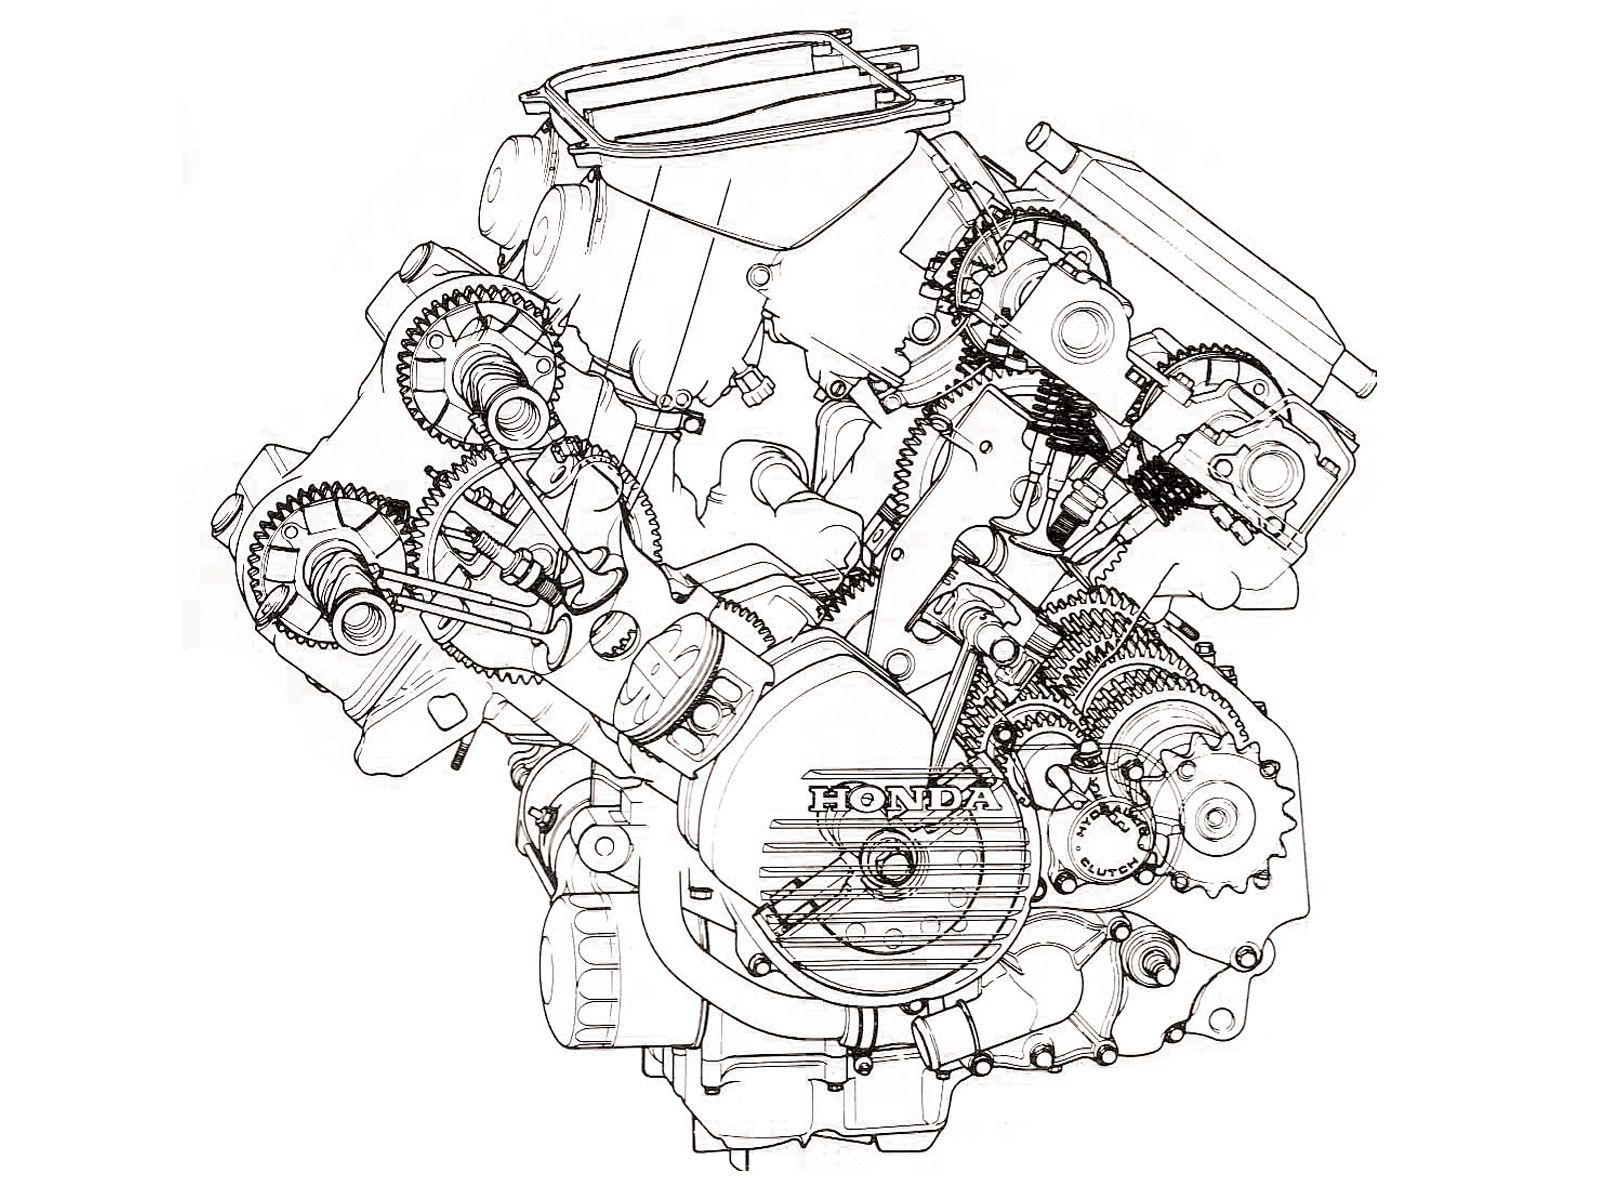 1986 Honda VFR750FG Interceptor V4 Motor Shot, geared cams